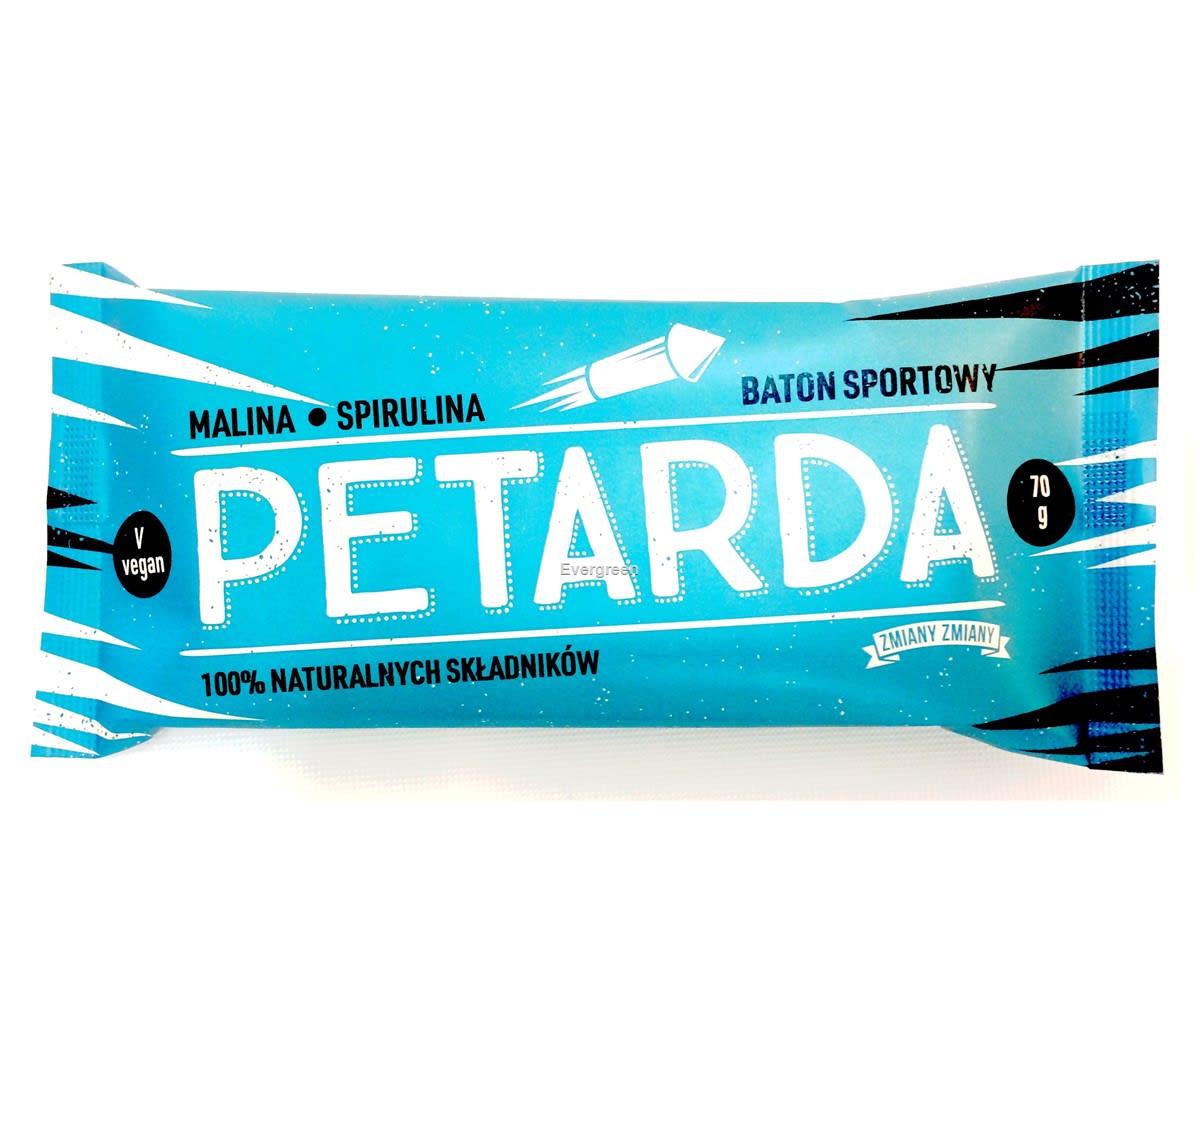 Baton Petarda 69g